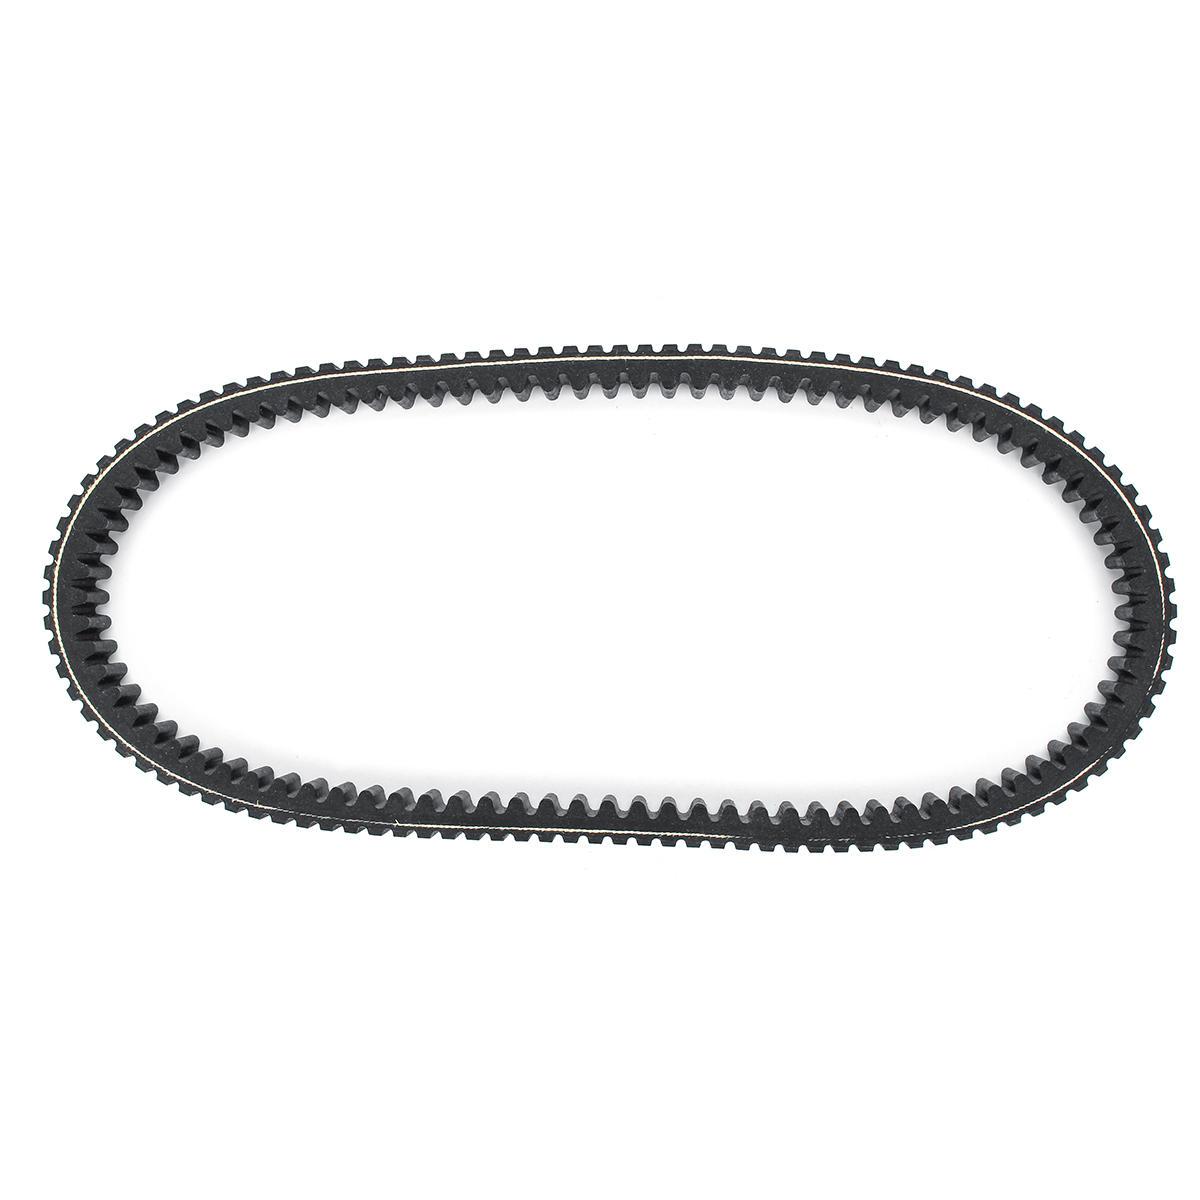 elite severe duty drive belt for polaris rzr xp 1000 xp